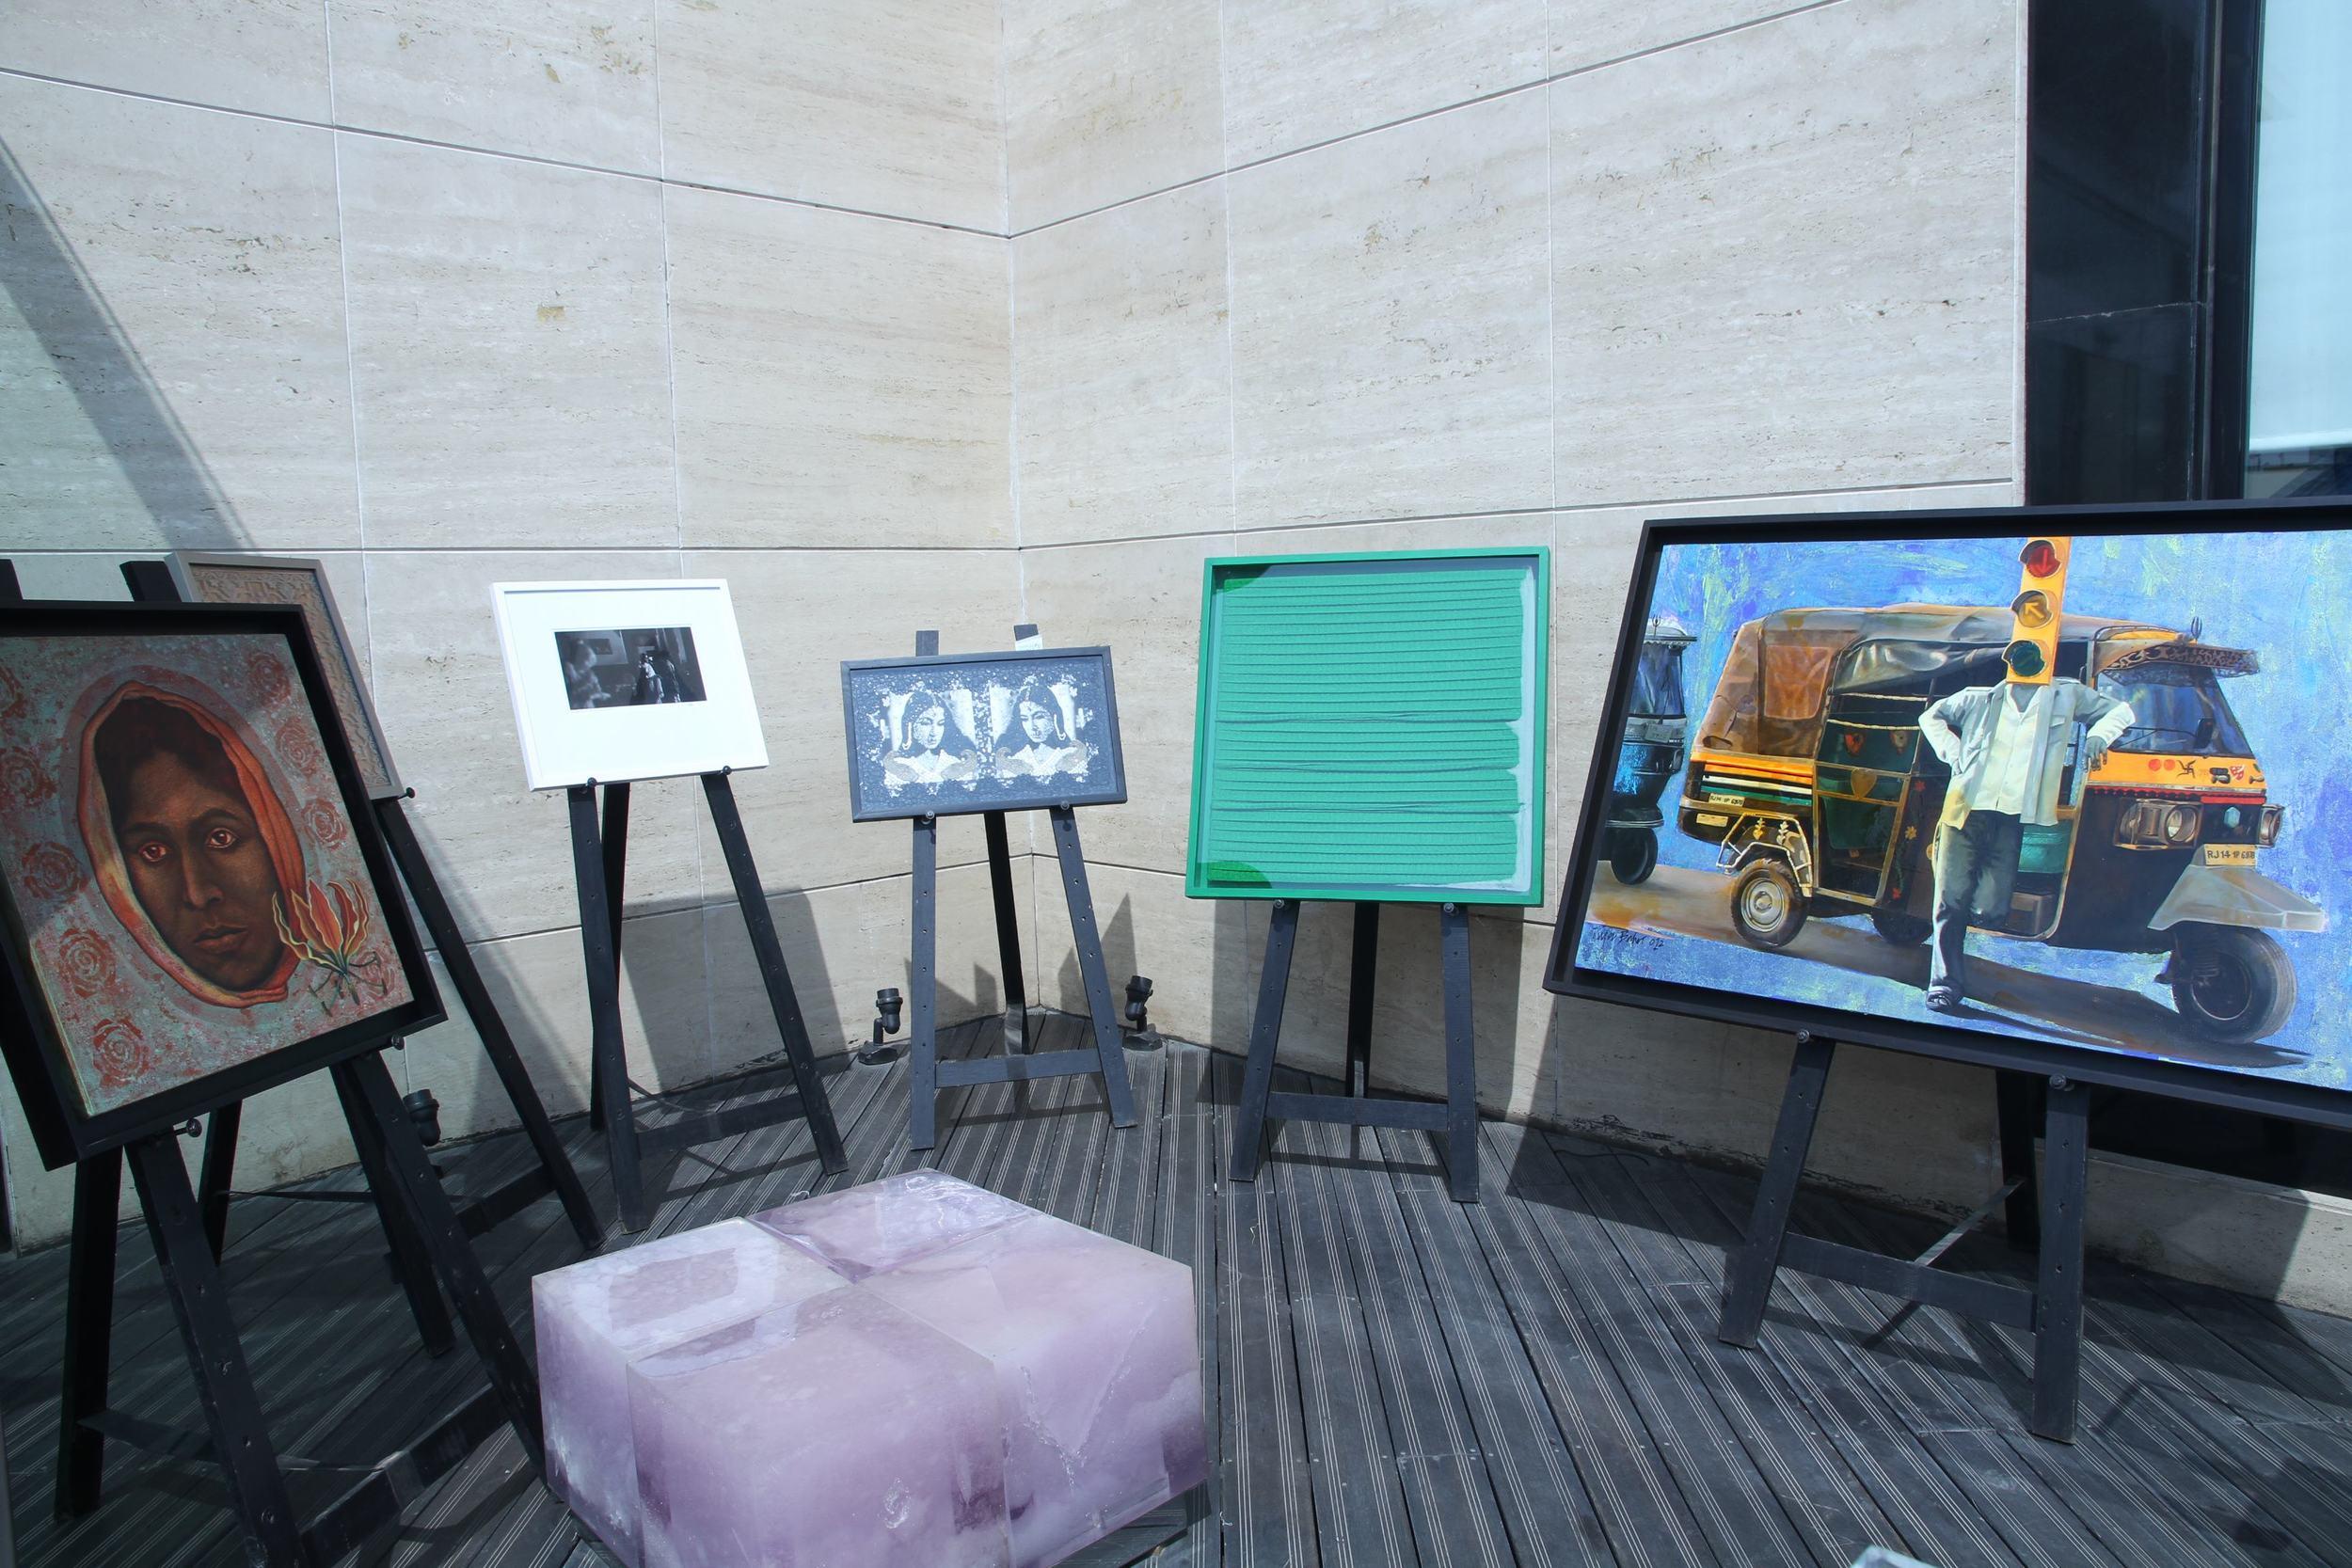 DLF Emporio - Women's Day - Art Displays by ArtSpeaks India.jpg